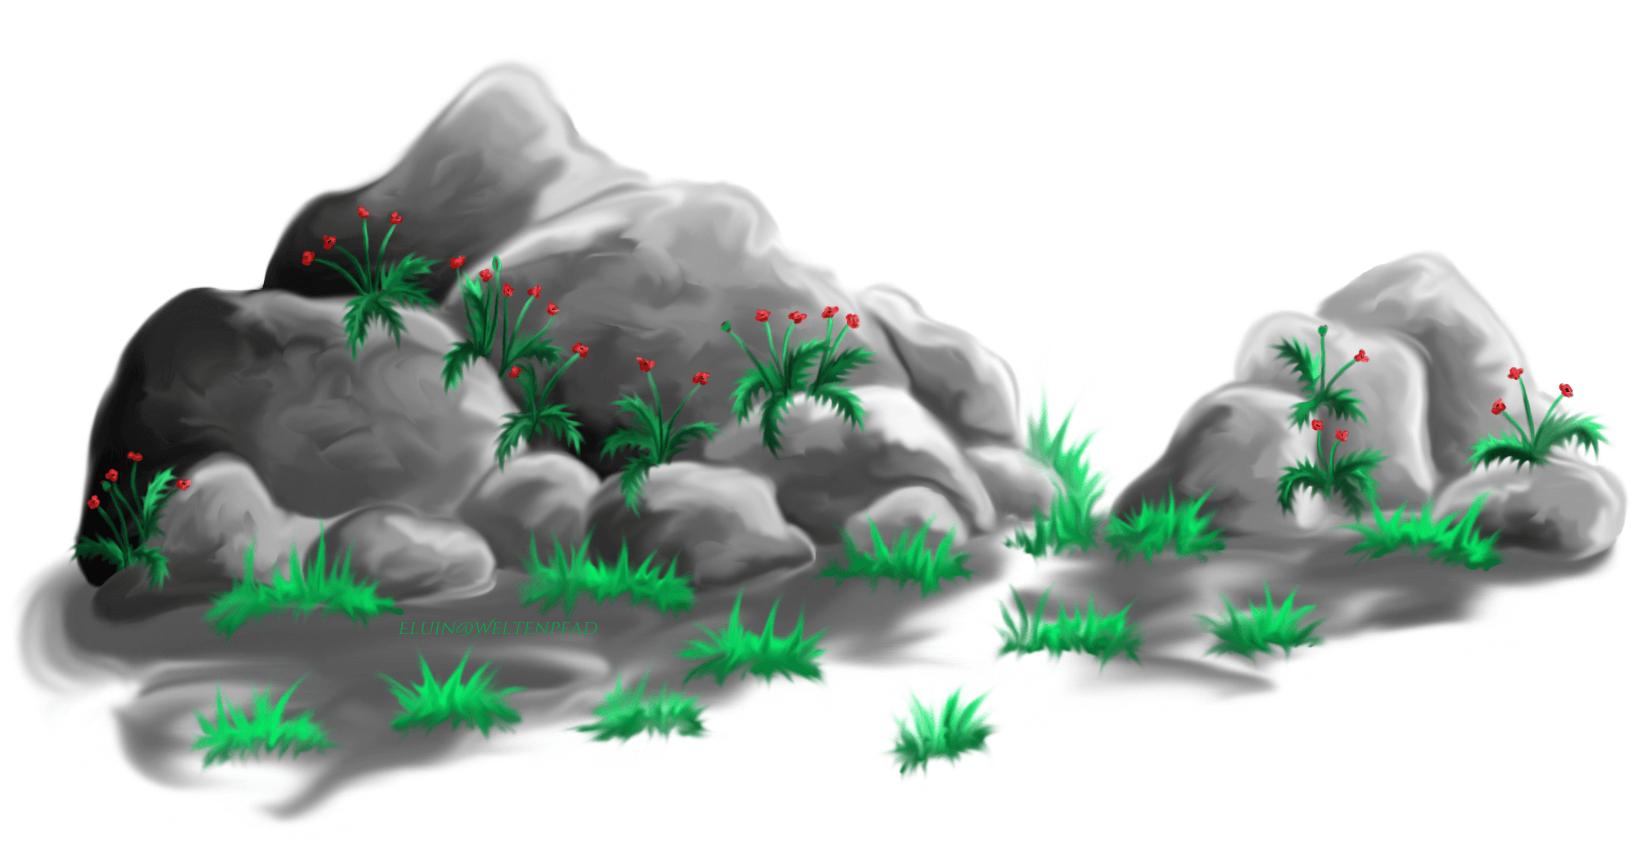 Steine auf dem Weg